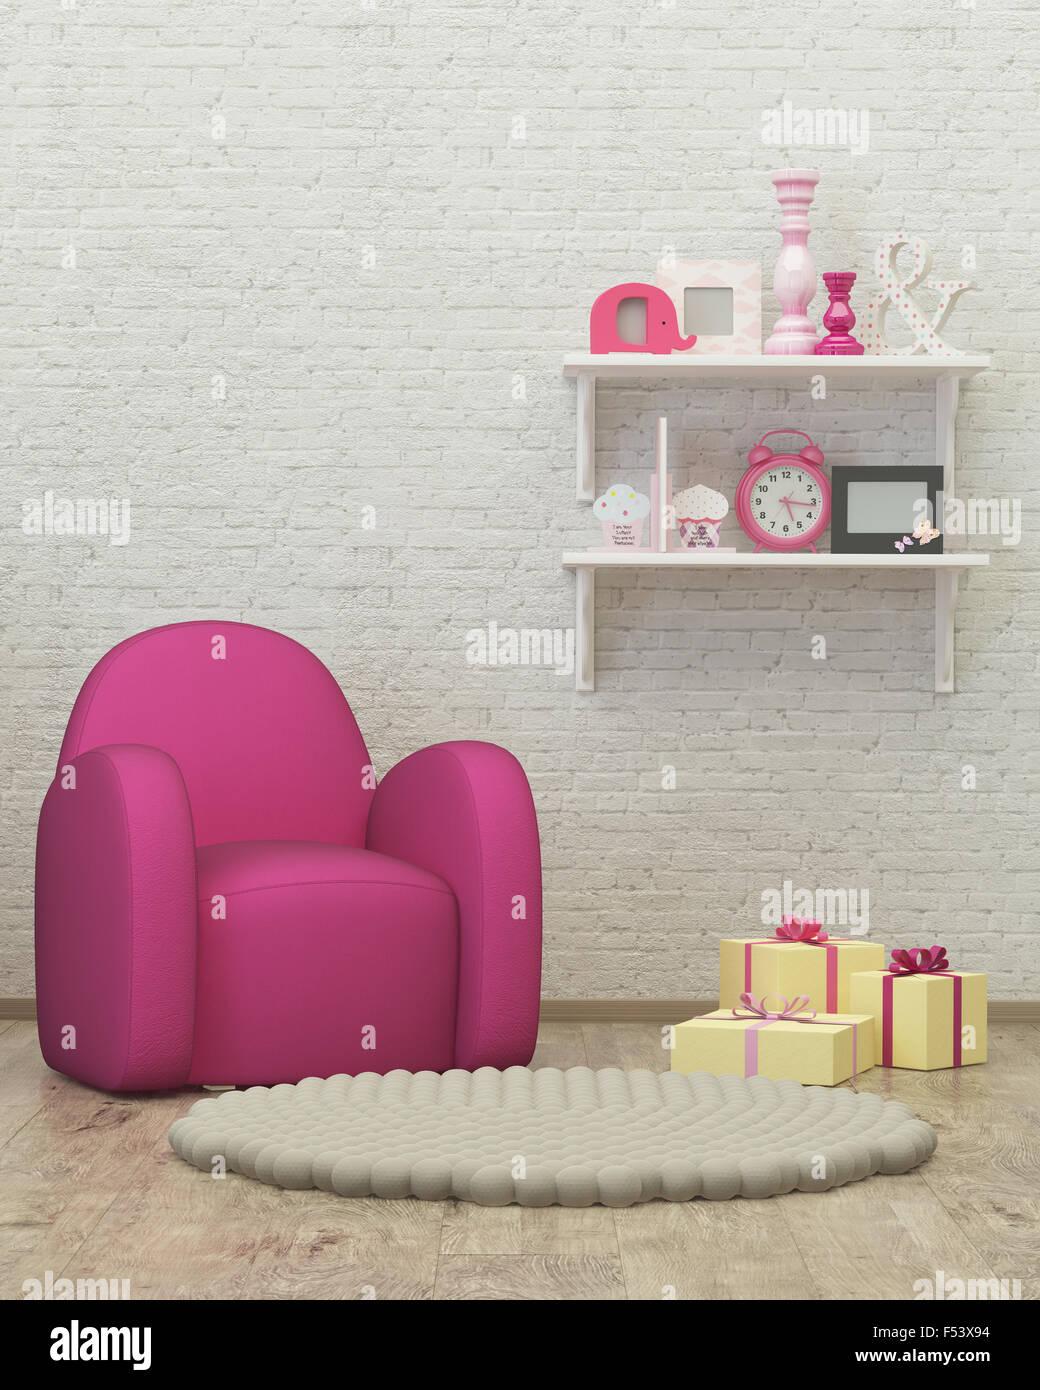 Chambre d'enfant intérieur, l'image de rendu 3d,pouf présente Banque D'Images